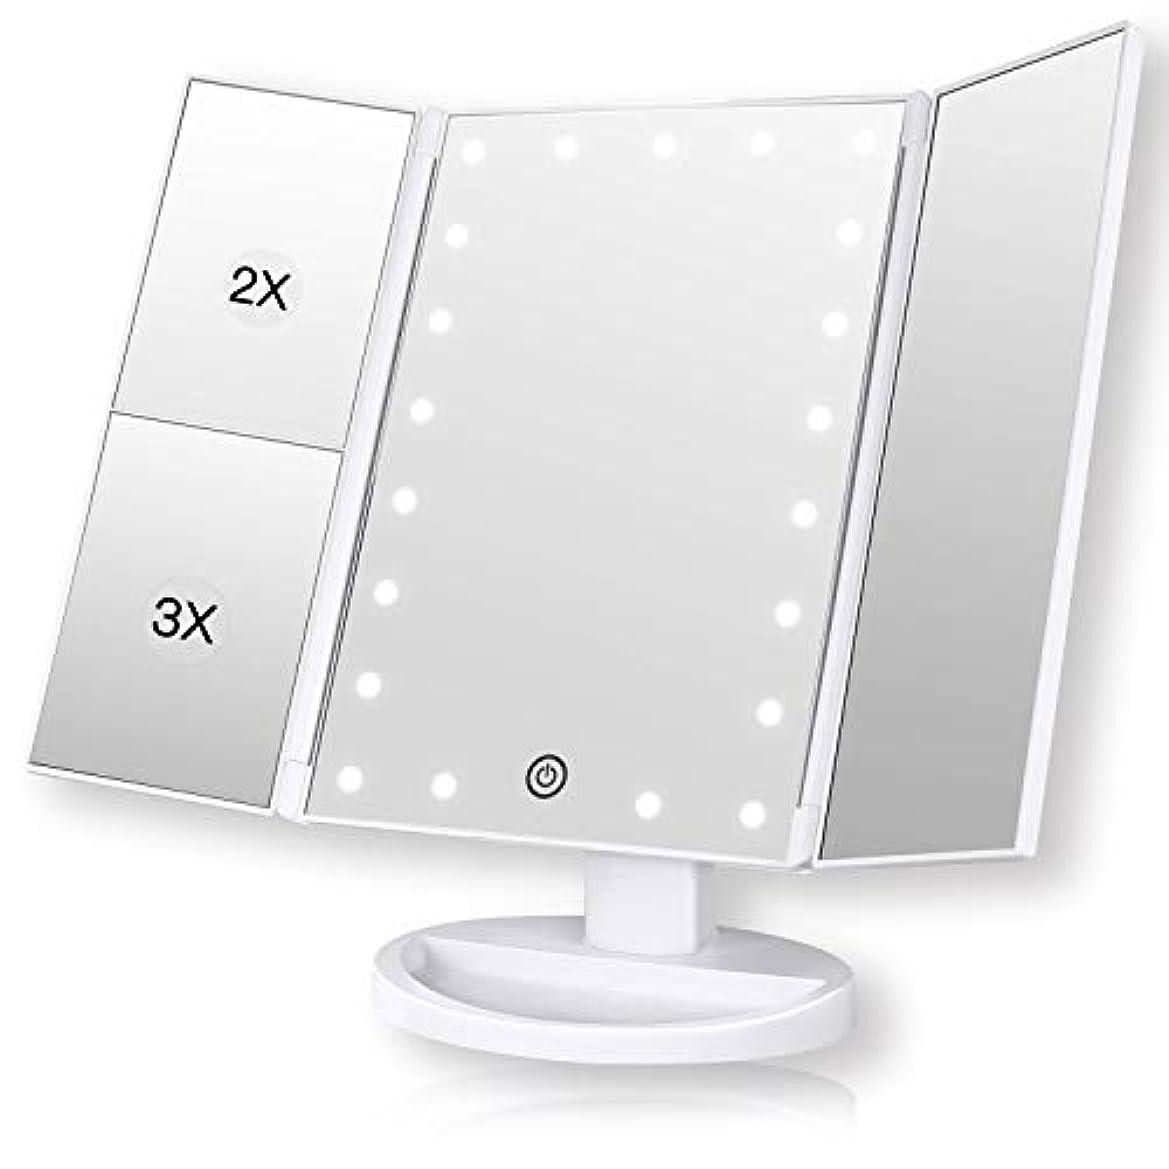 明るい保守的排他的ROZZERMAN 化粧鏡 卓上ミラー 三面鏡 ledライト 女優ミラー 折りたたみ 持ち運び 拡大鏡 2倍 3倍 角度調整